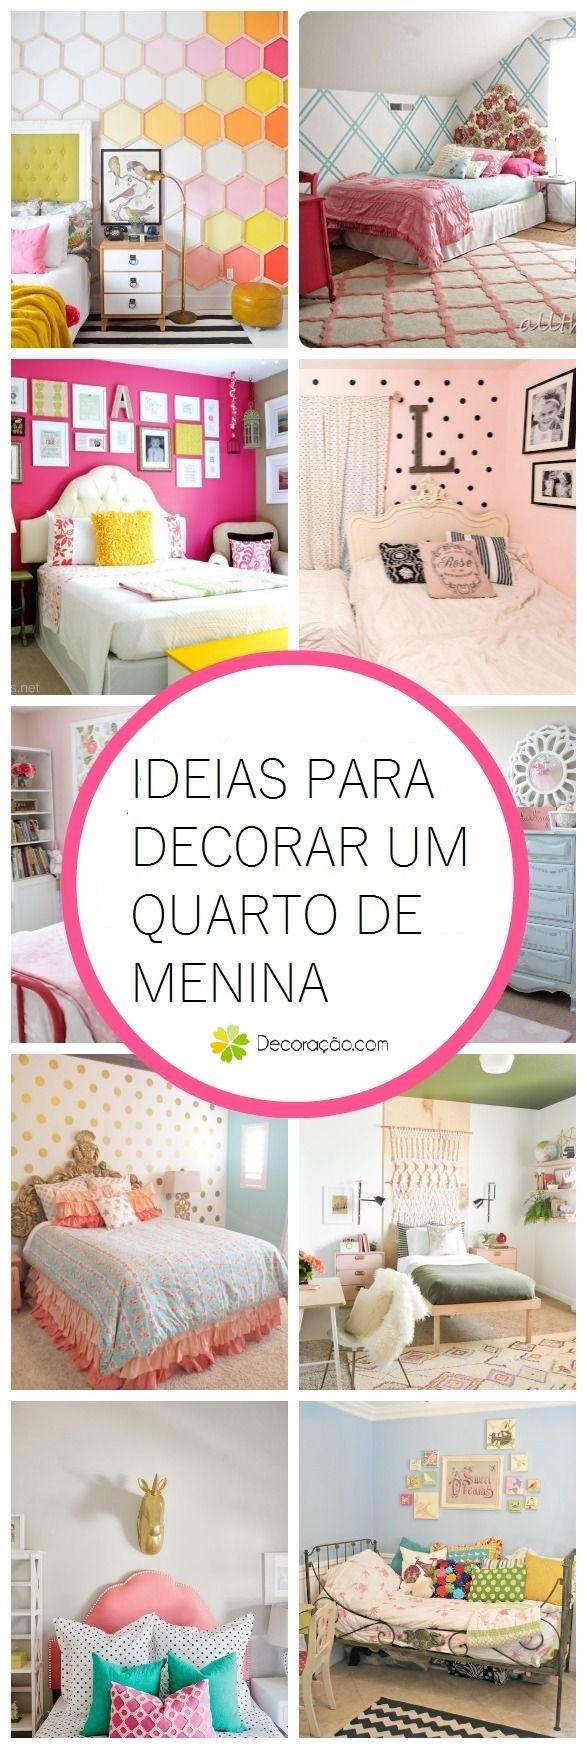 Dicas de decoração para quarto infantil feminino 2